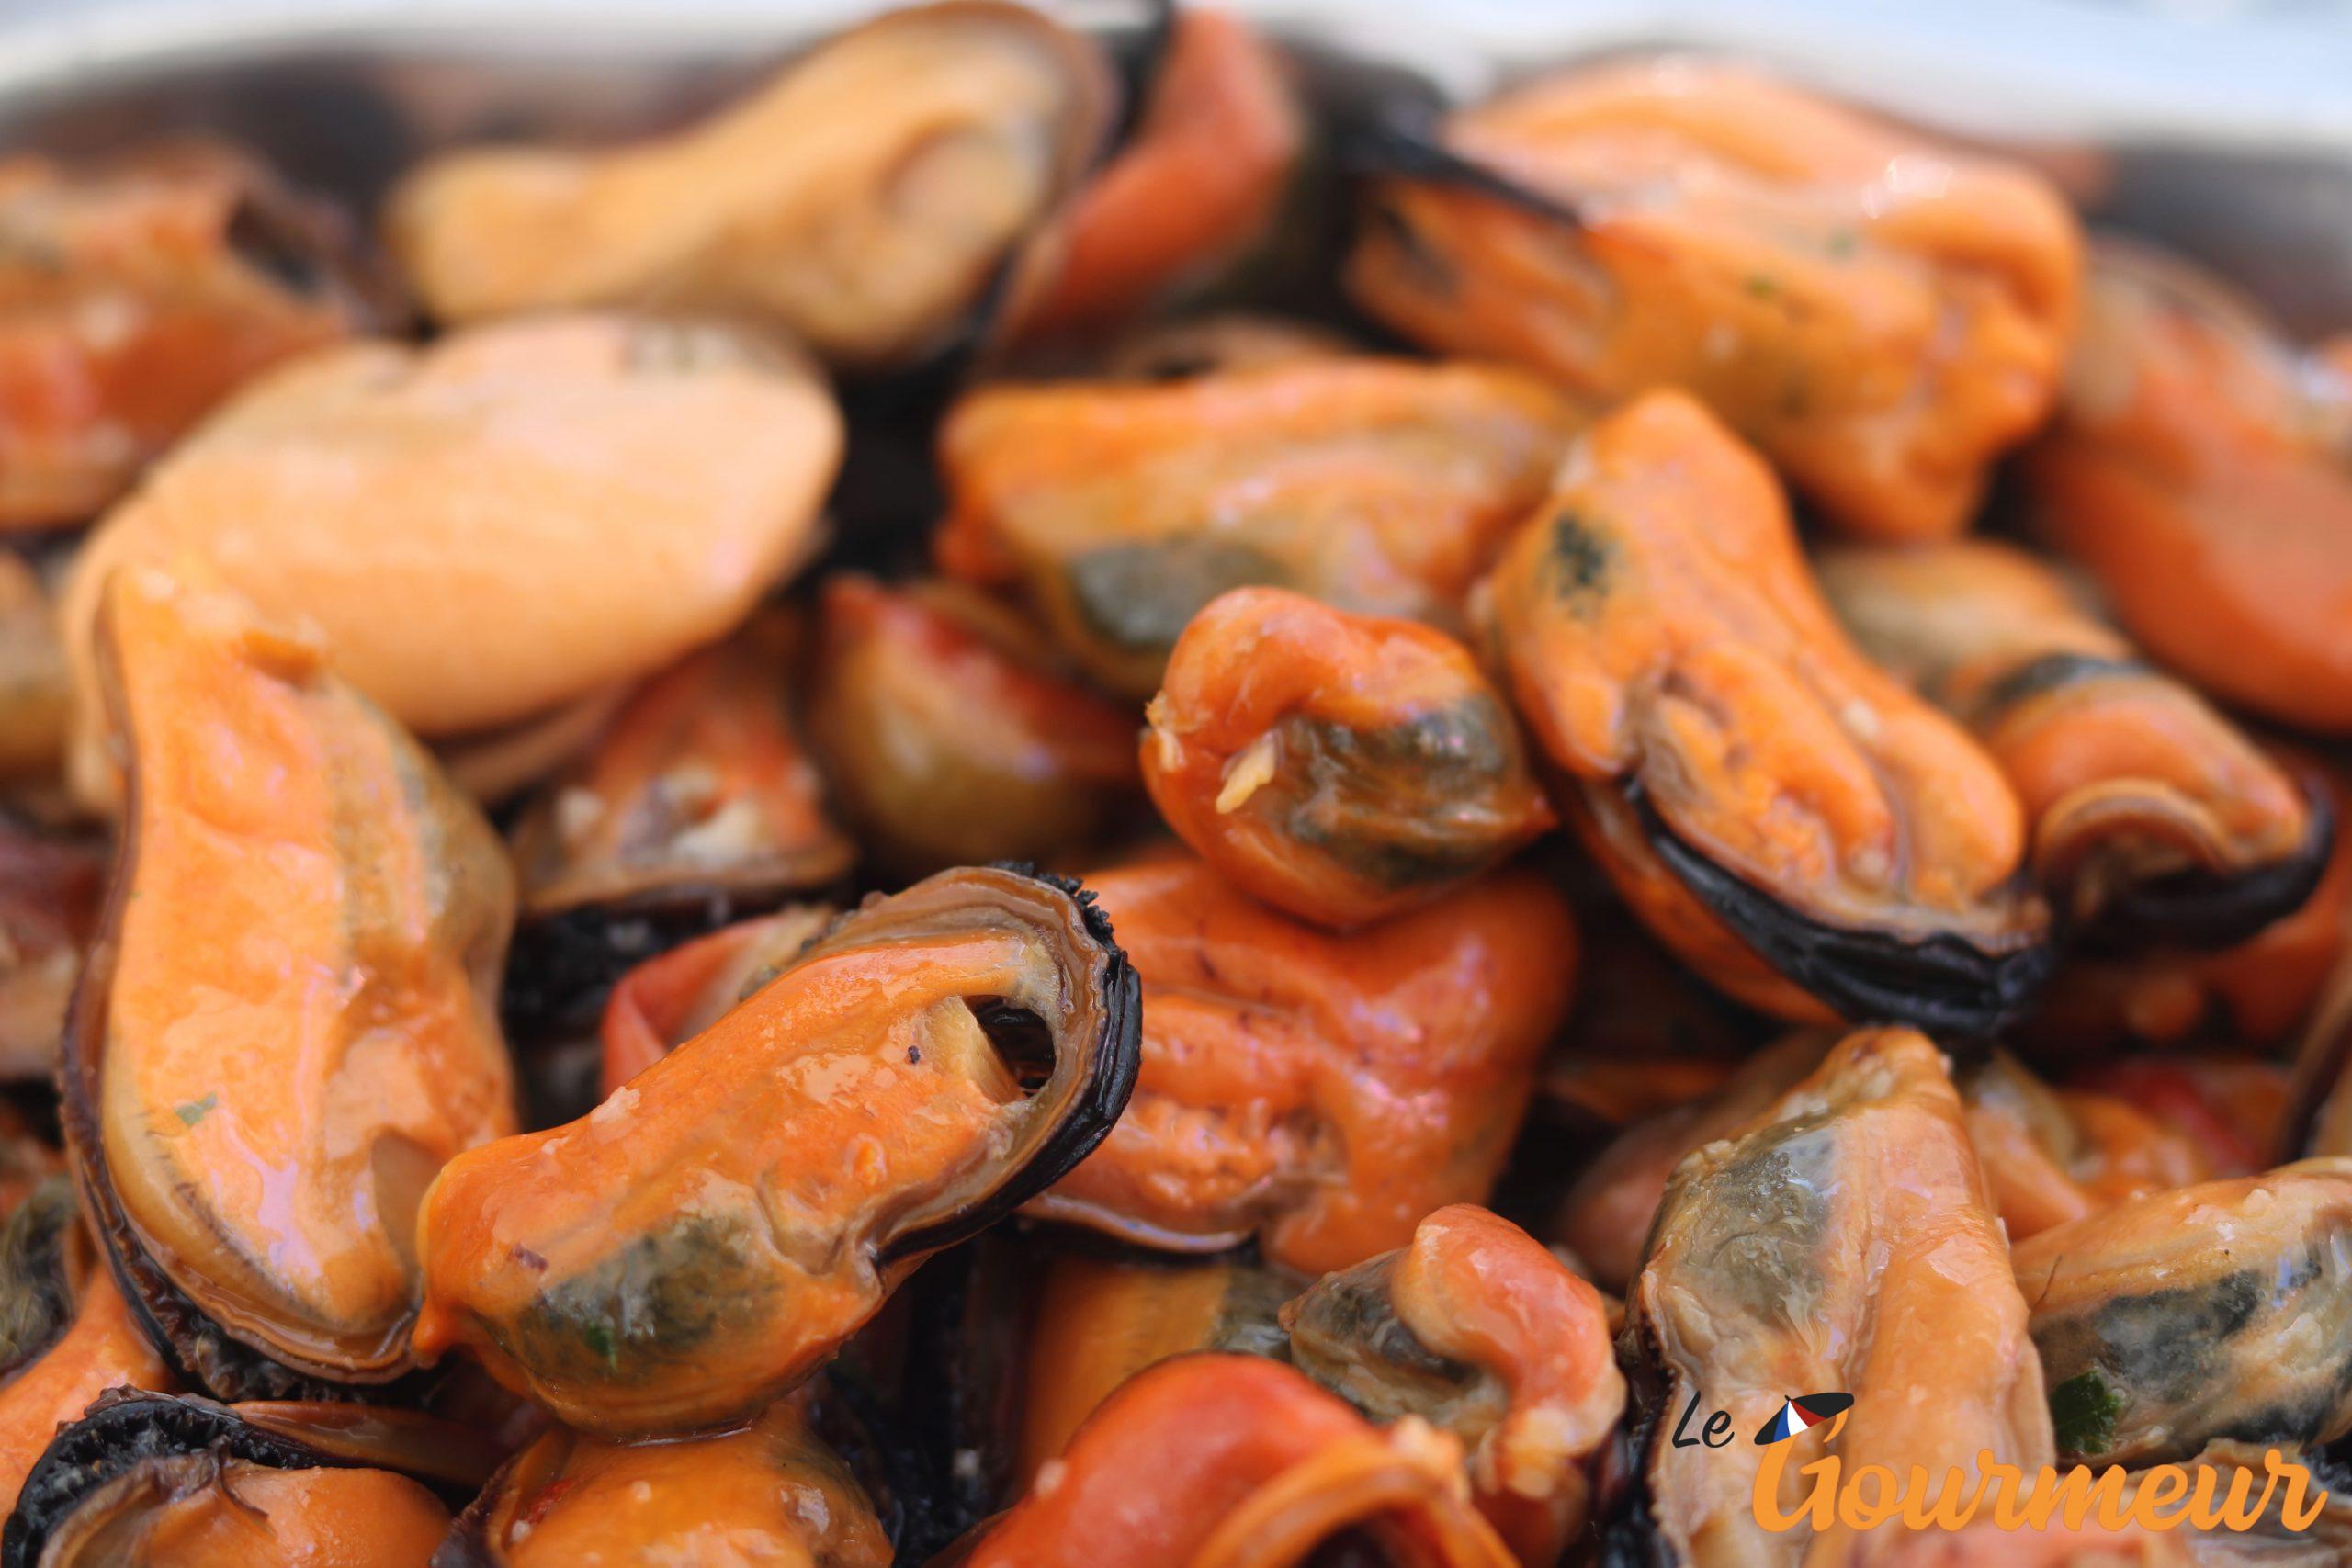 piste de moule recette et plat d'occitanie et du Languedoc-Roussillon